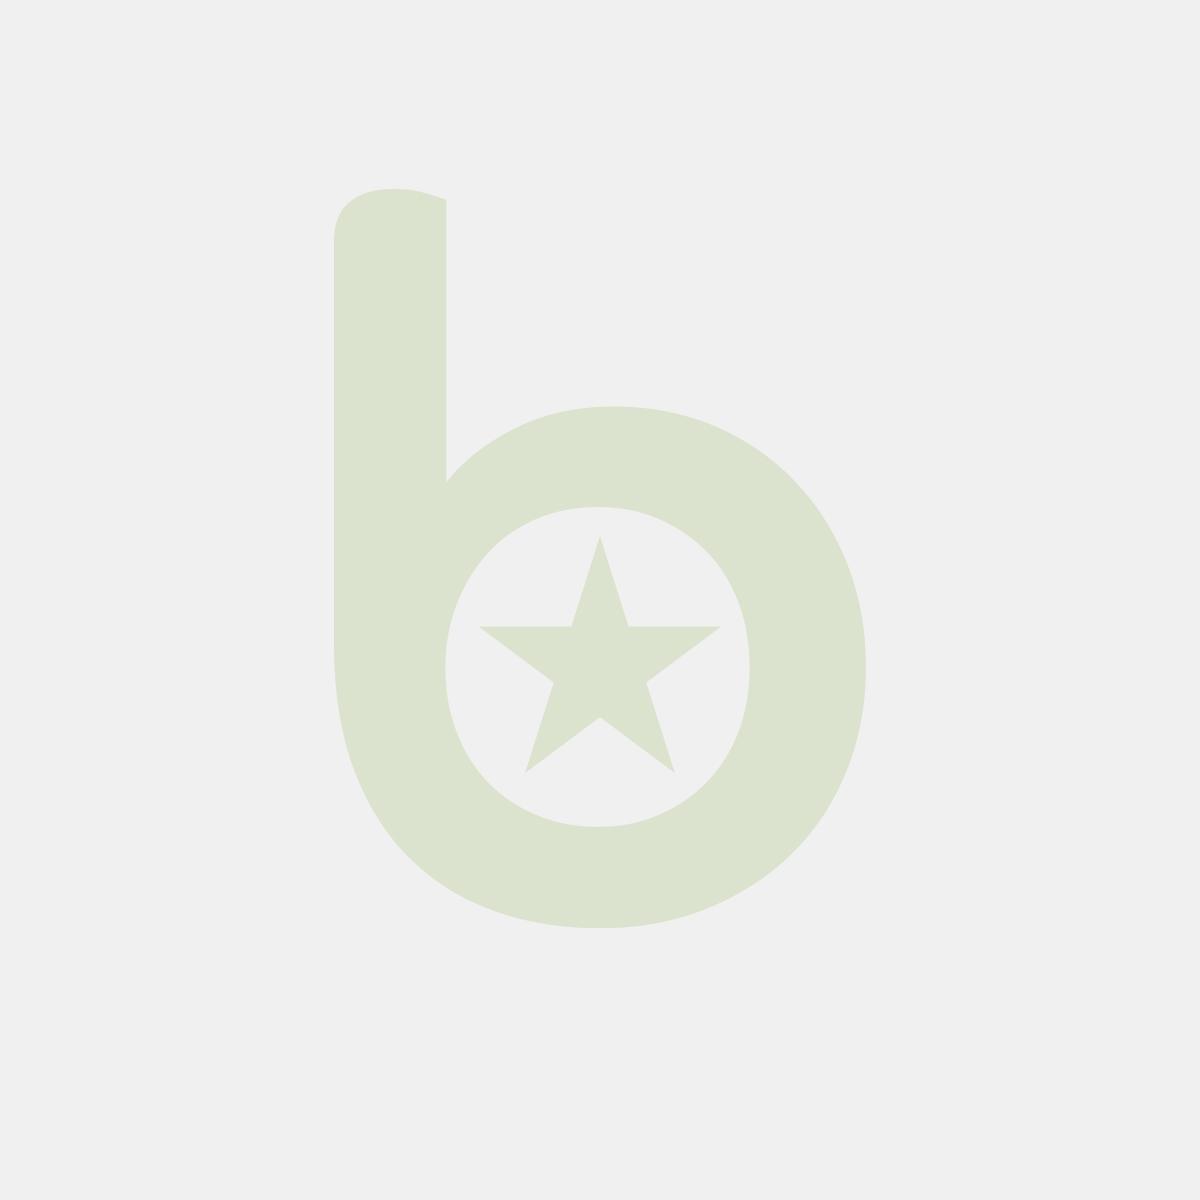 Łyżka barmańska h.30 cm stal nierdzewna